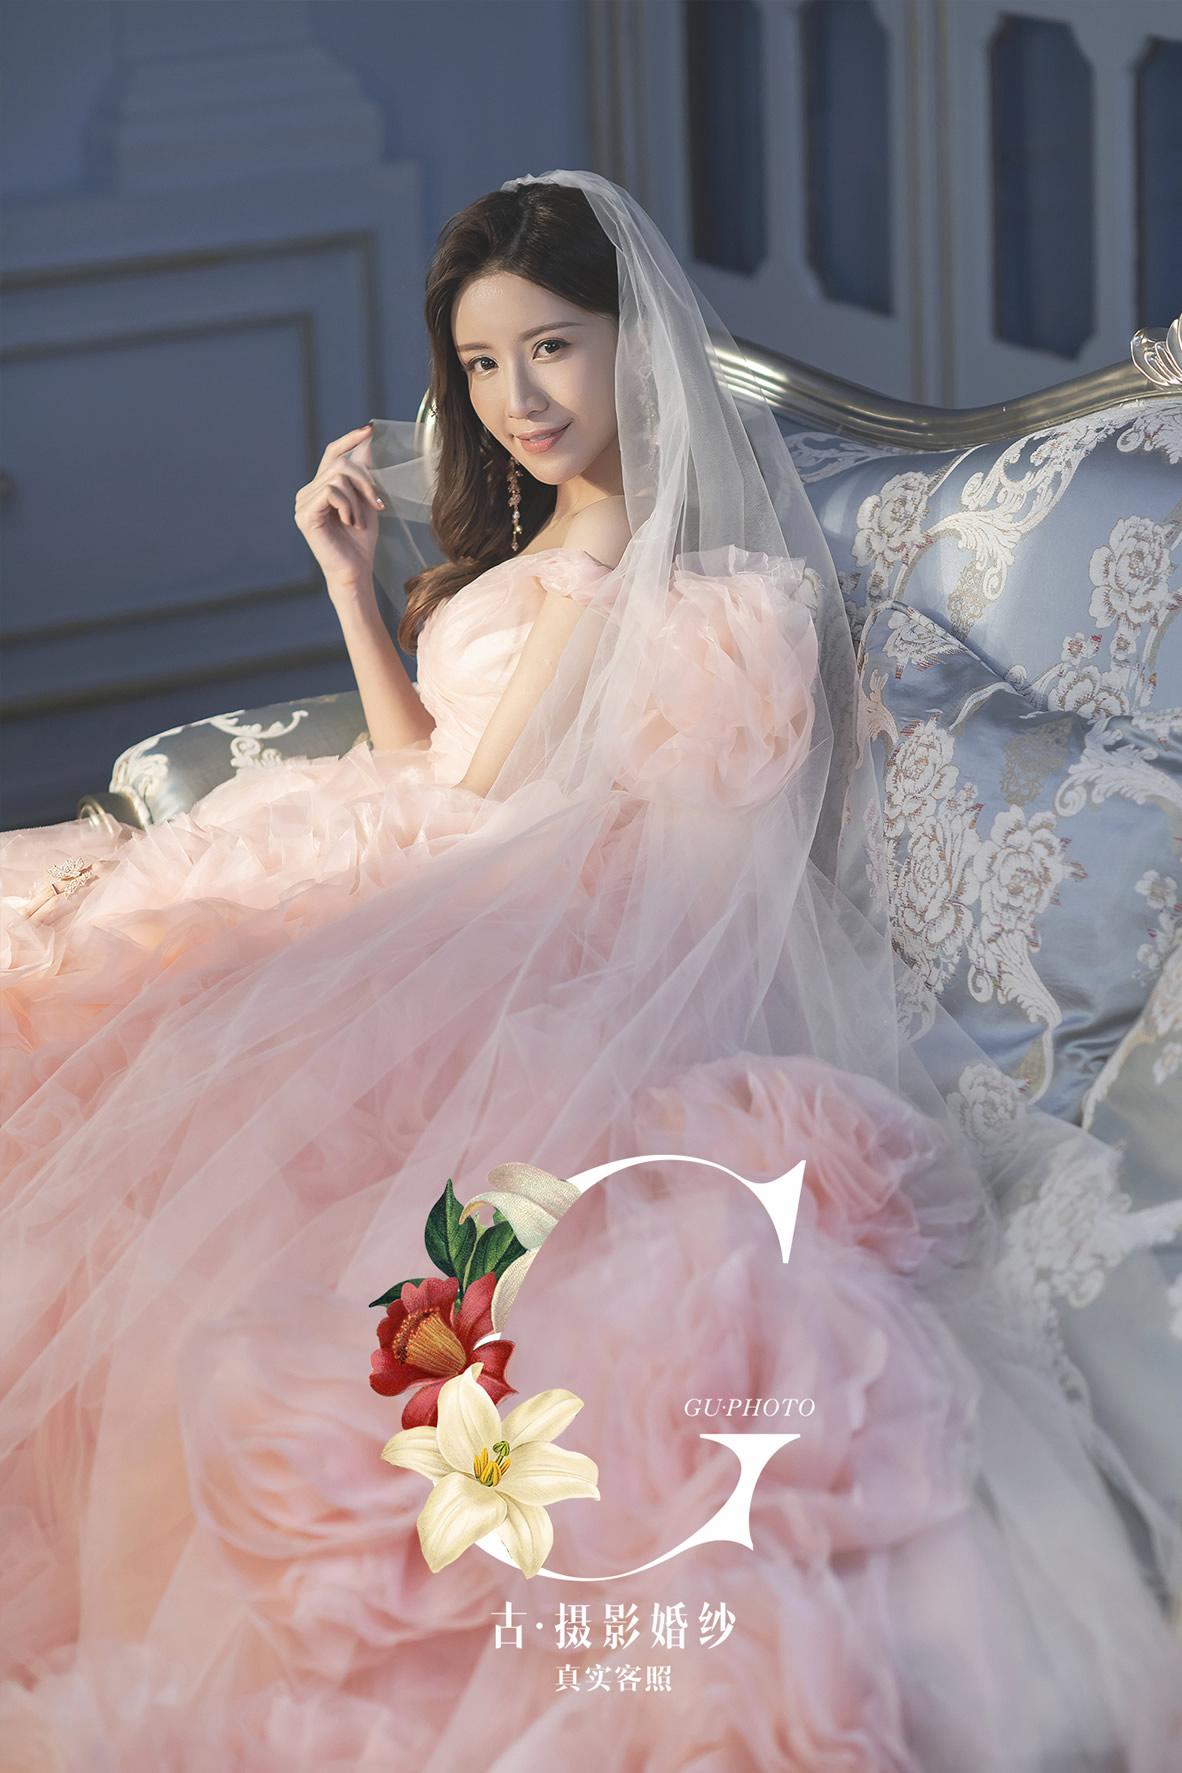 严先生 丘小姐 - 每日客照 - 古摄影婚纱艺术-古摄影成都婚纱摄影艺术摄影网